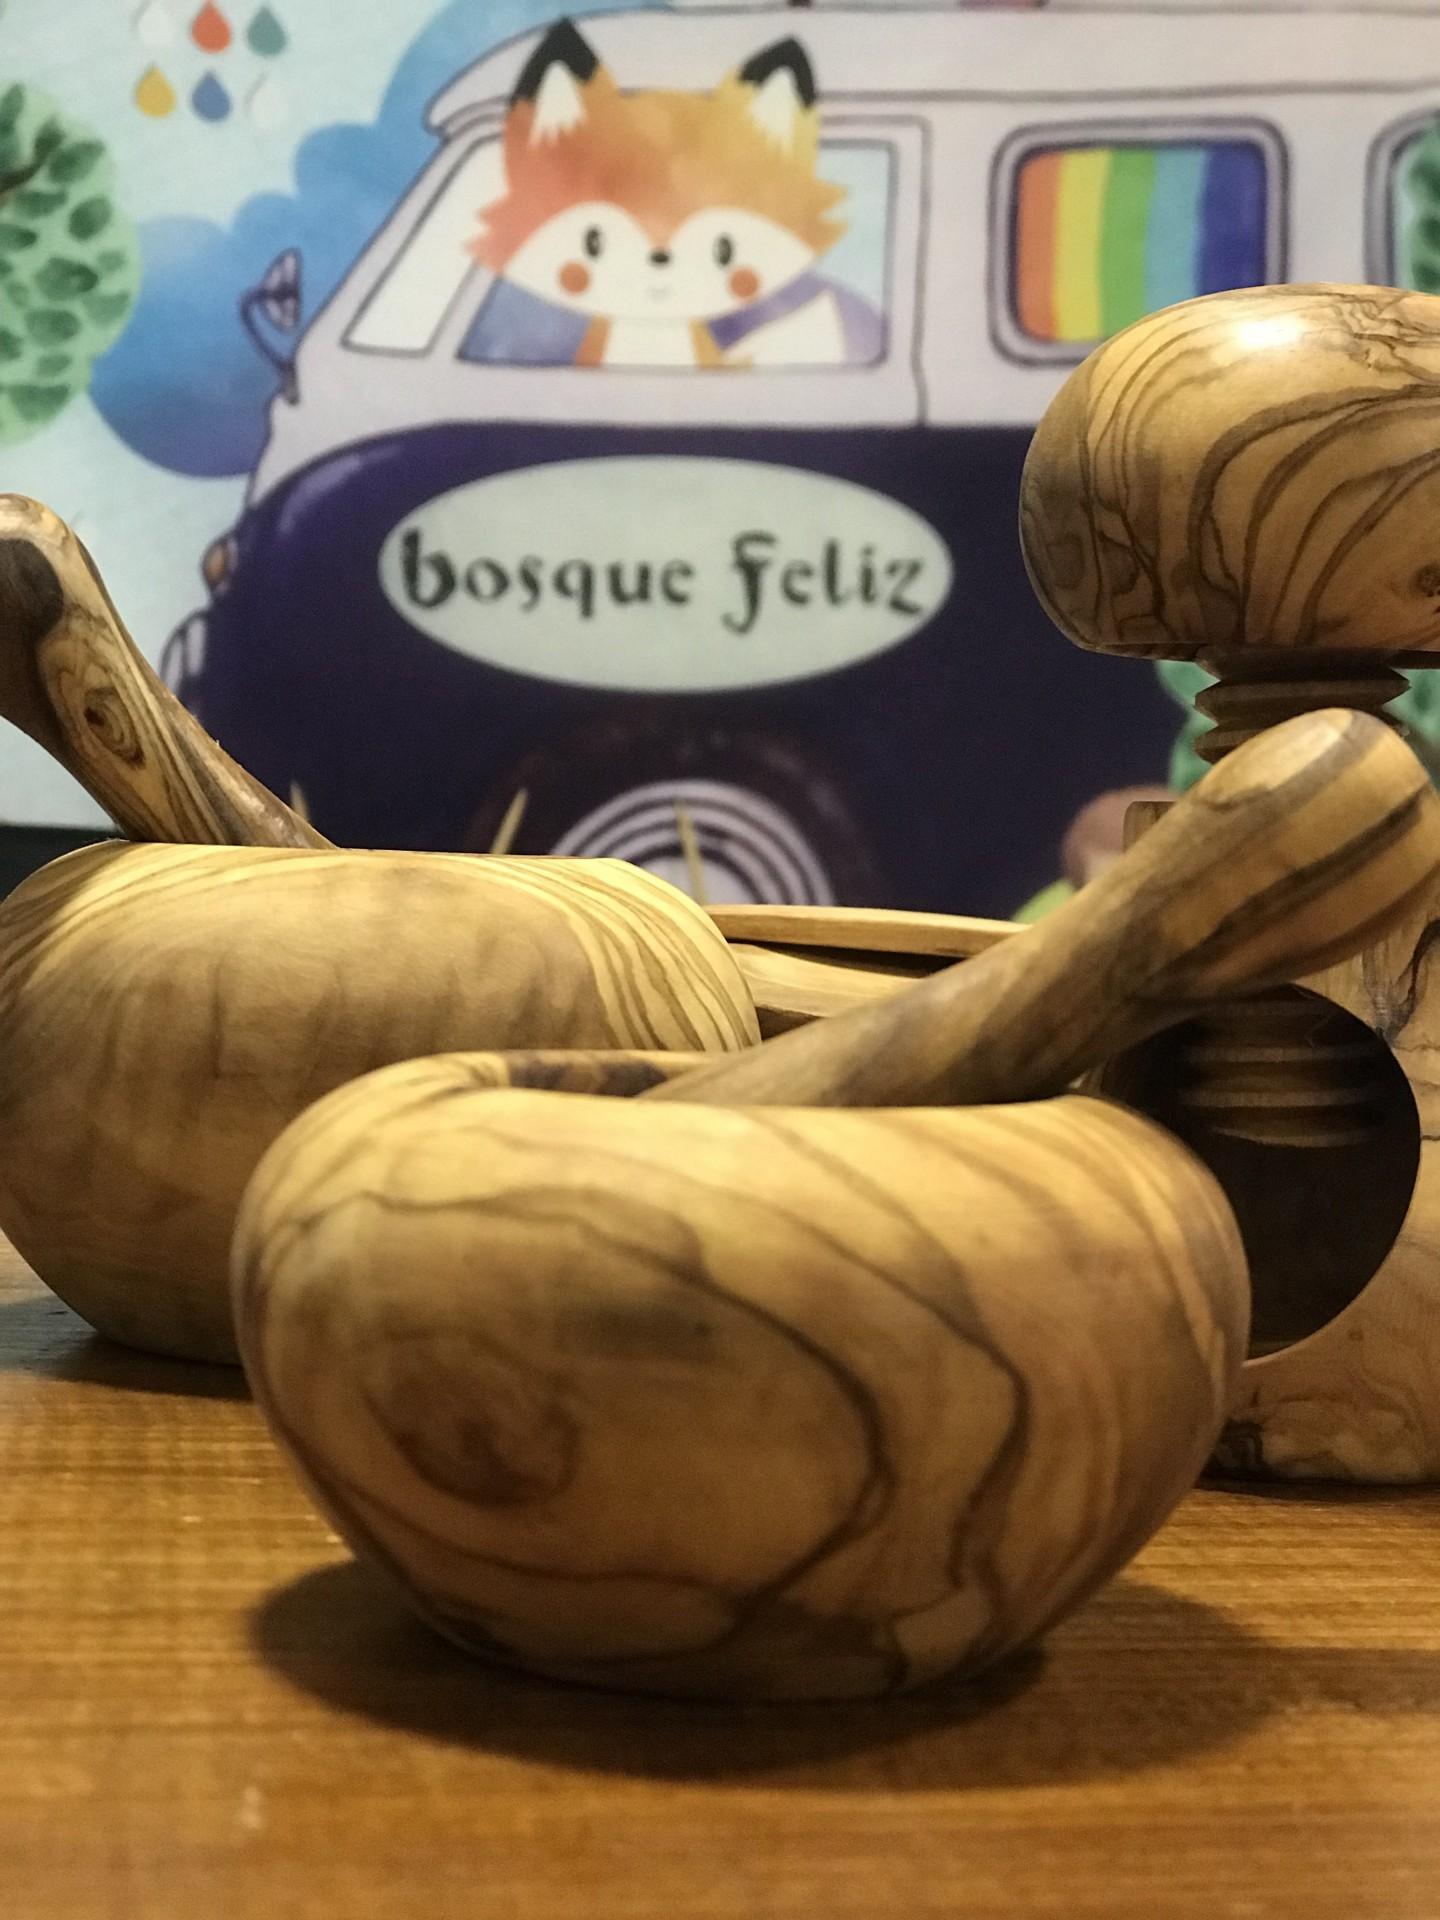 Almofariz de Madeira 8cm - Bosque Feliz